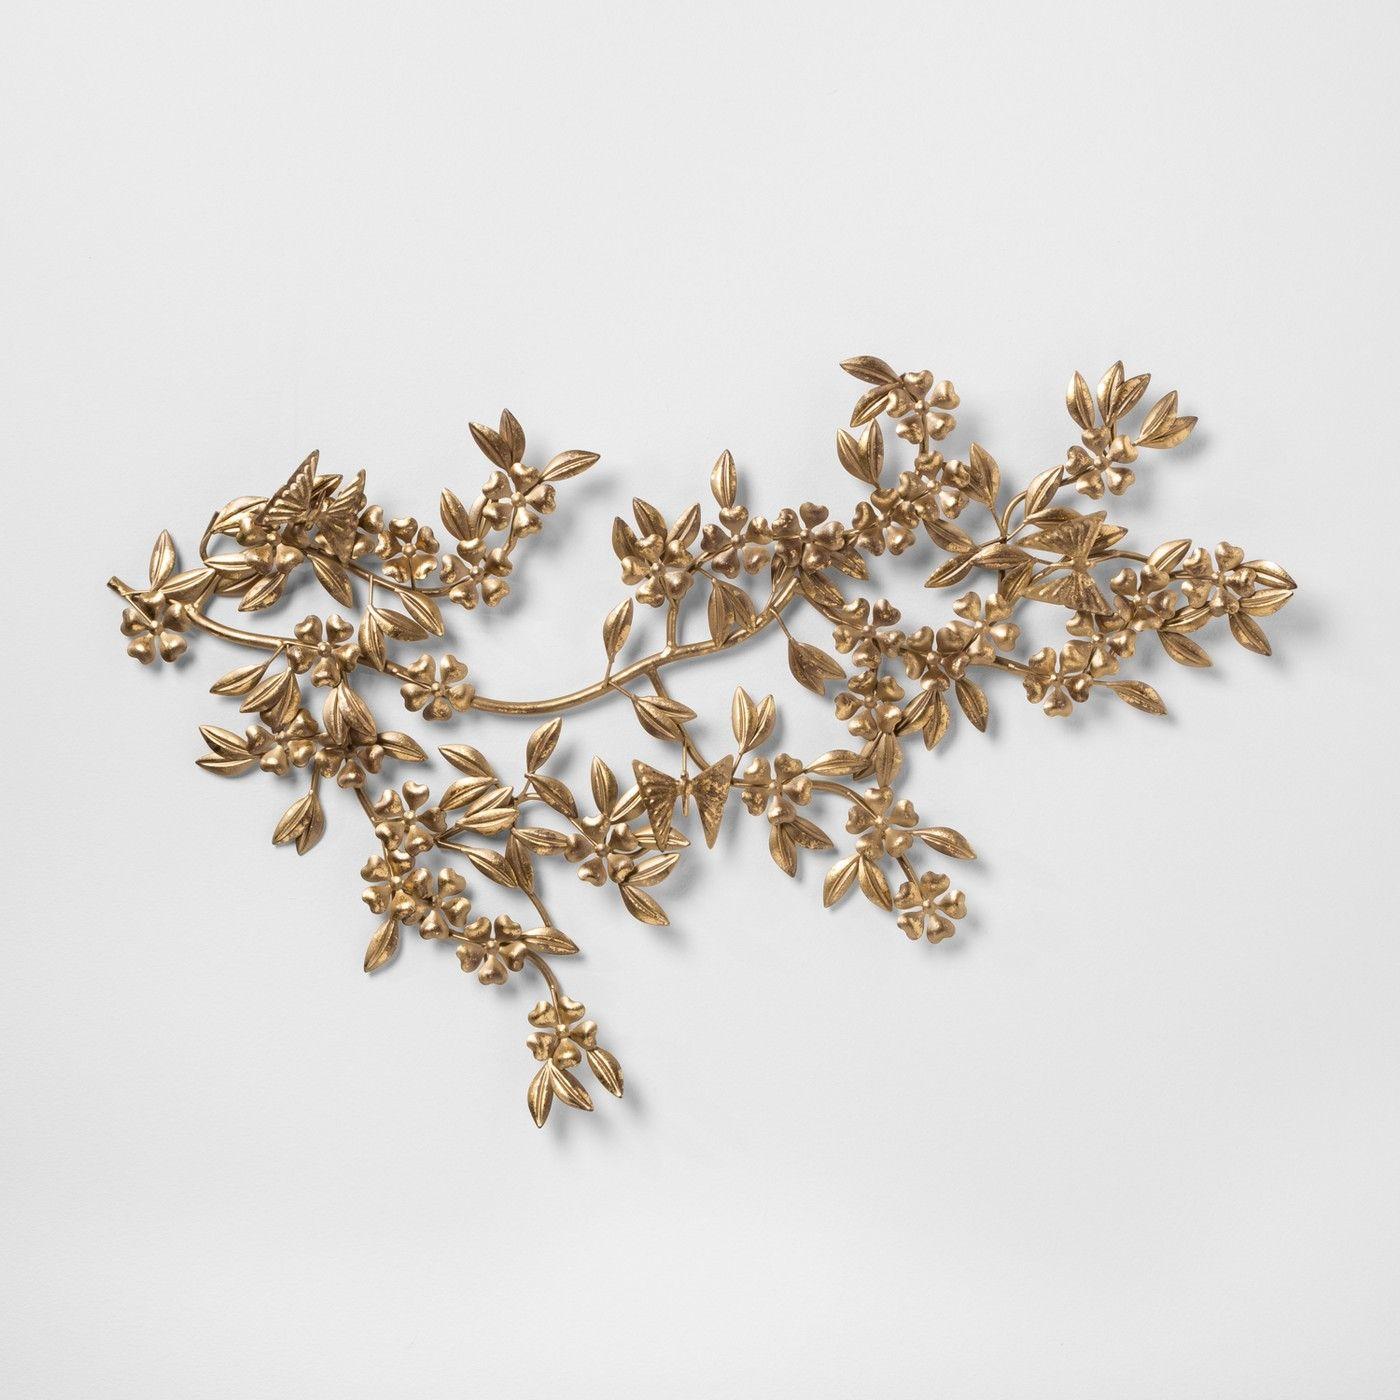 Opalhouse Wreath Gold Metal Leaf